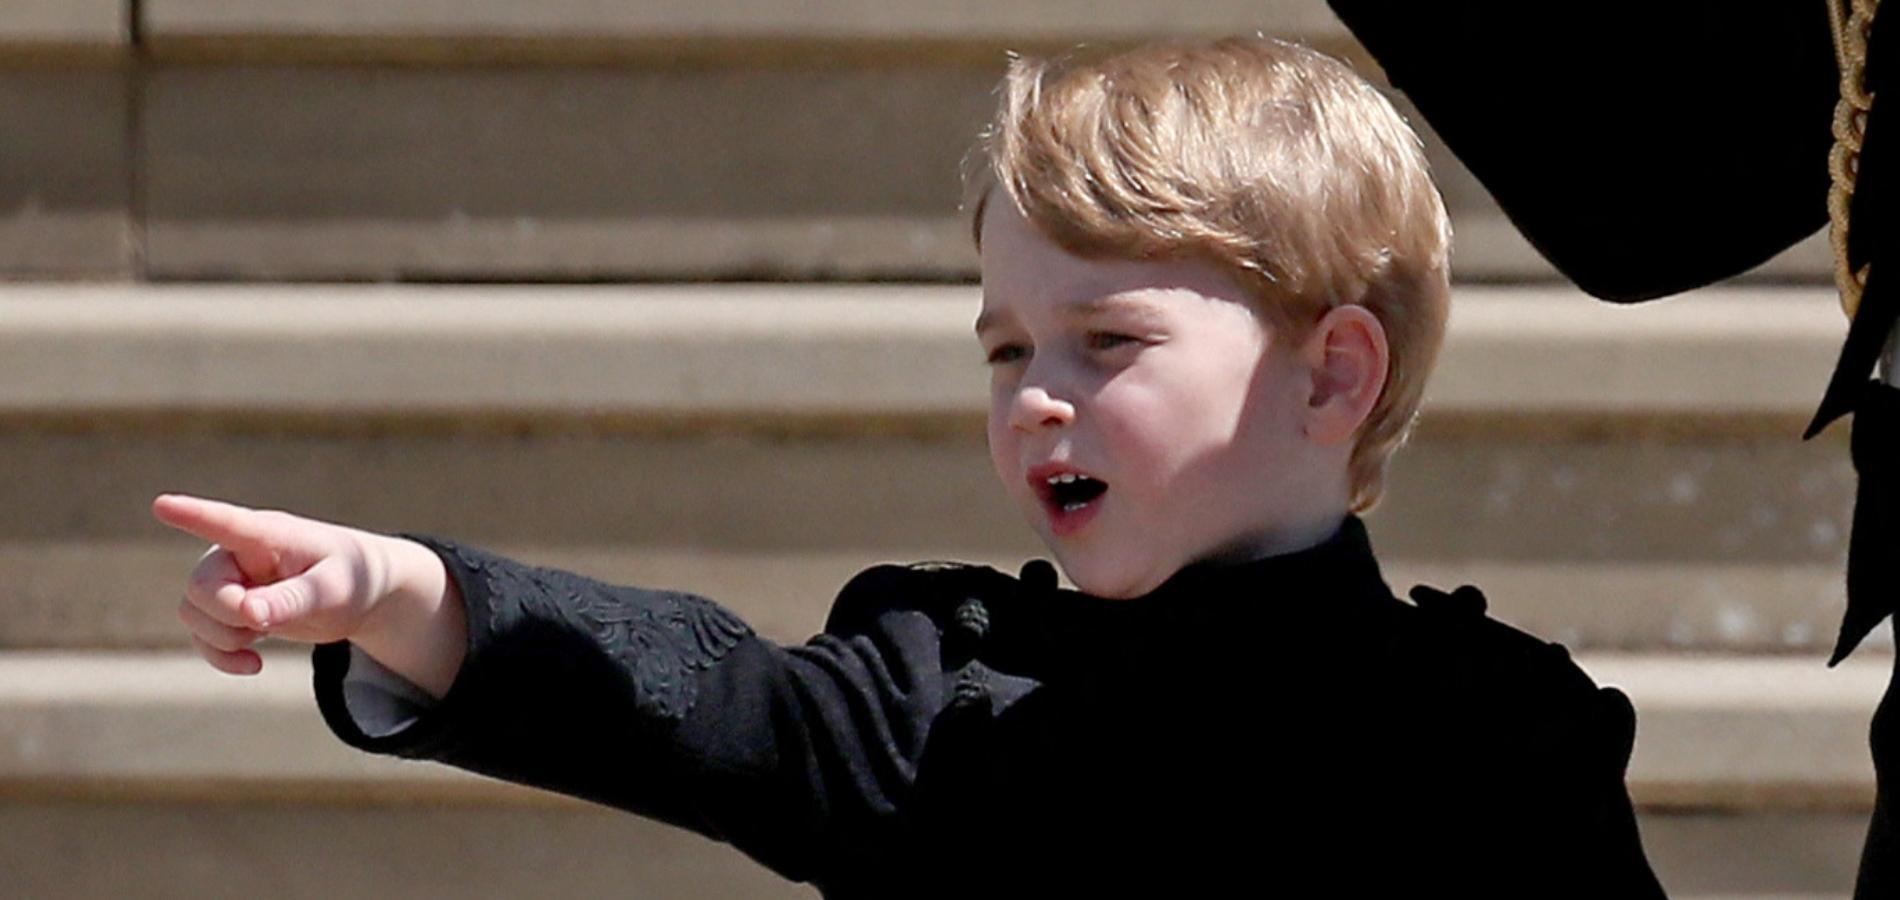 Des photos inhabituelles du prince George en jean et baskets noirs